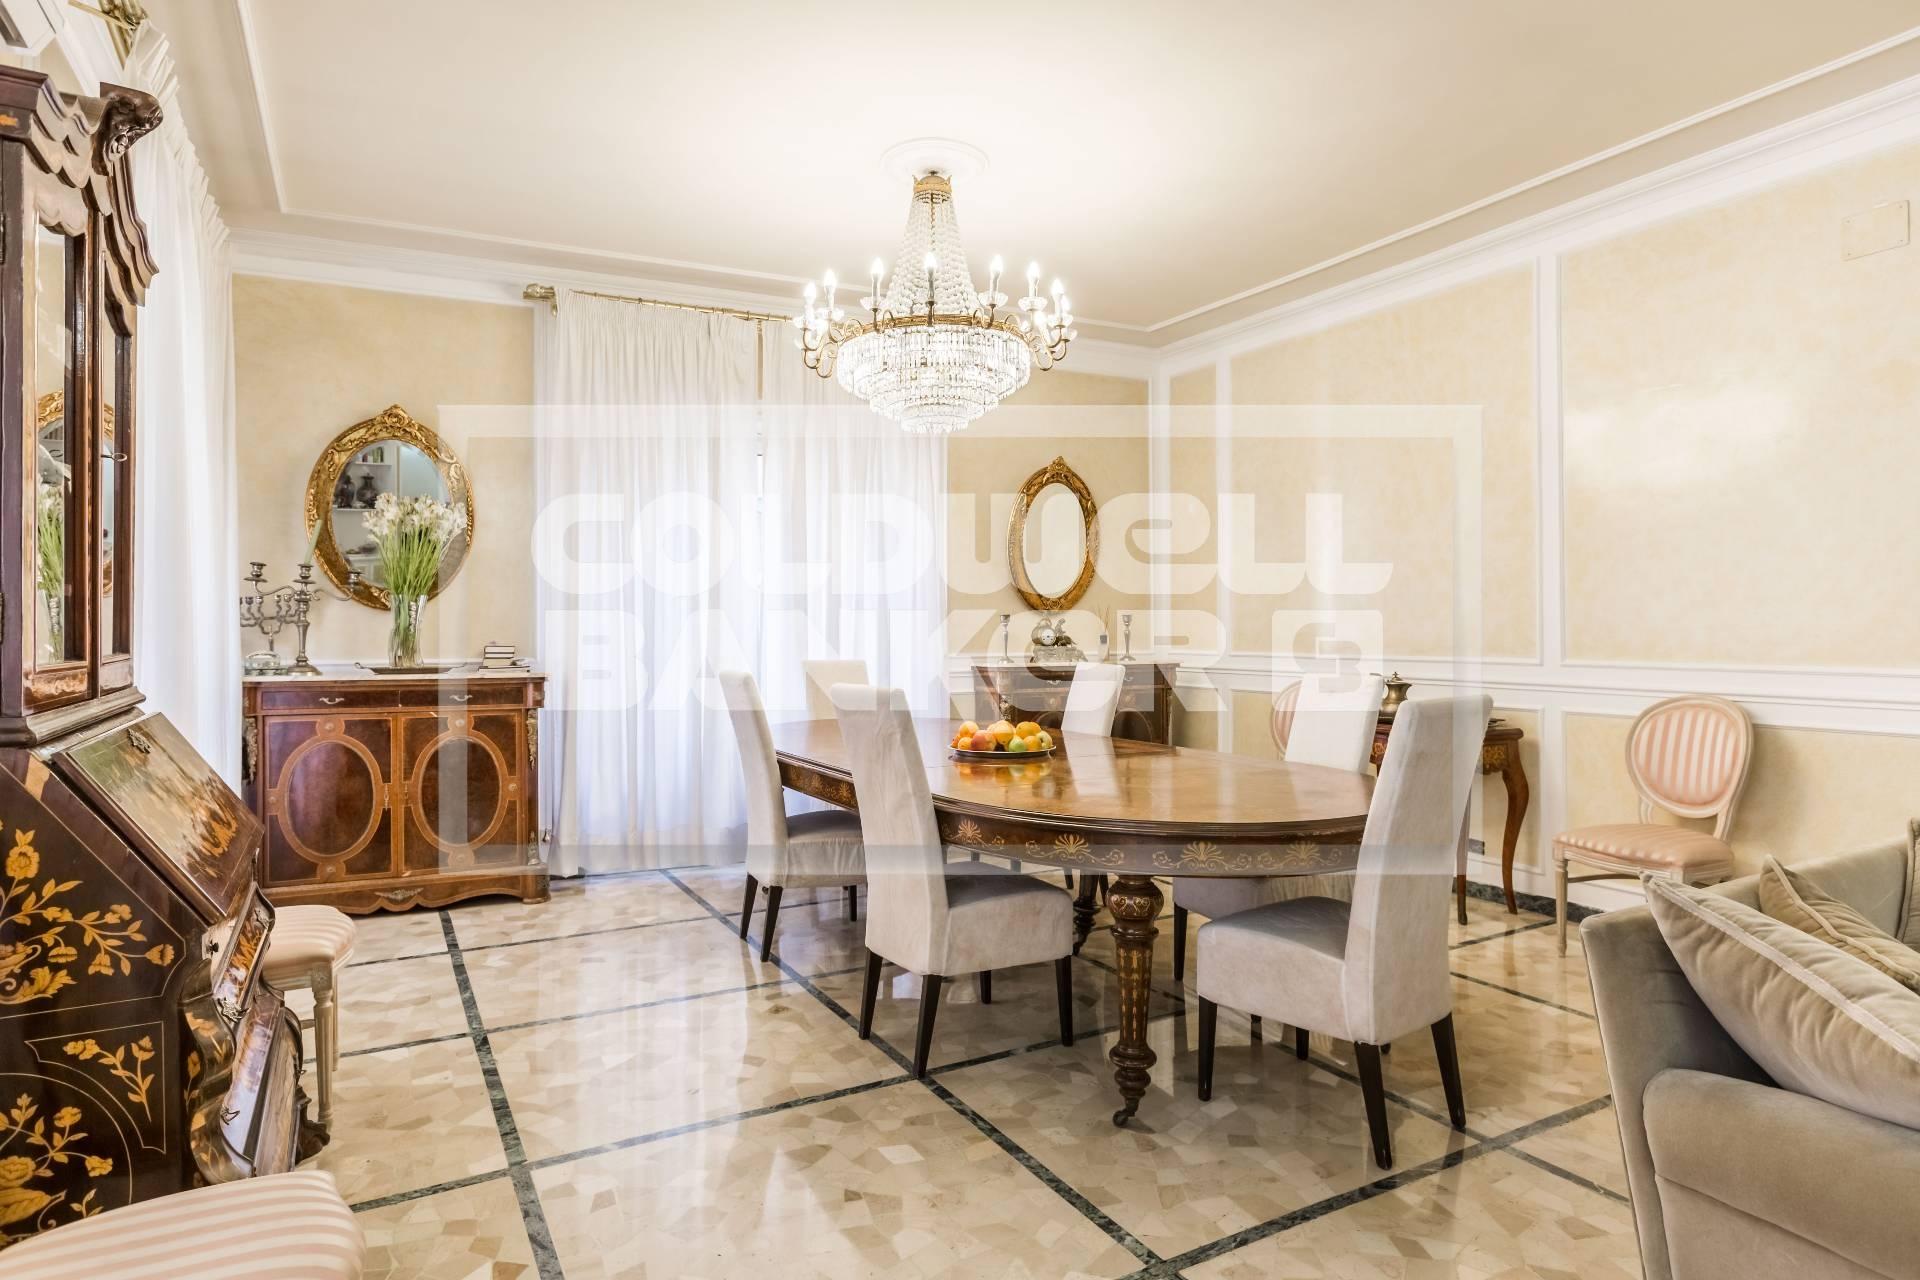 Appartamento in vendita a Roma, 5 locali, zona Zona: 3 . Trieste - Somalia - Salario, prezzo € 690.000 | CambioCasa.it